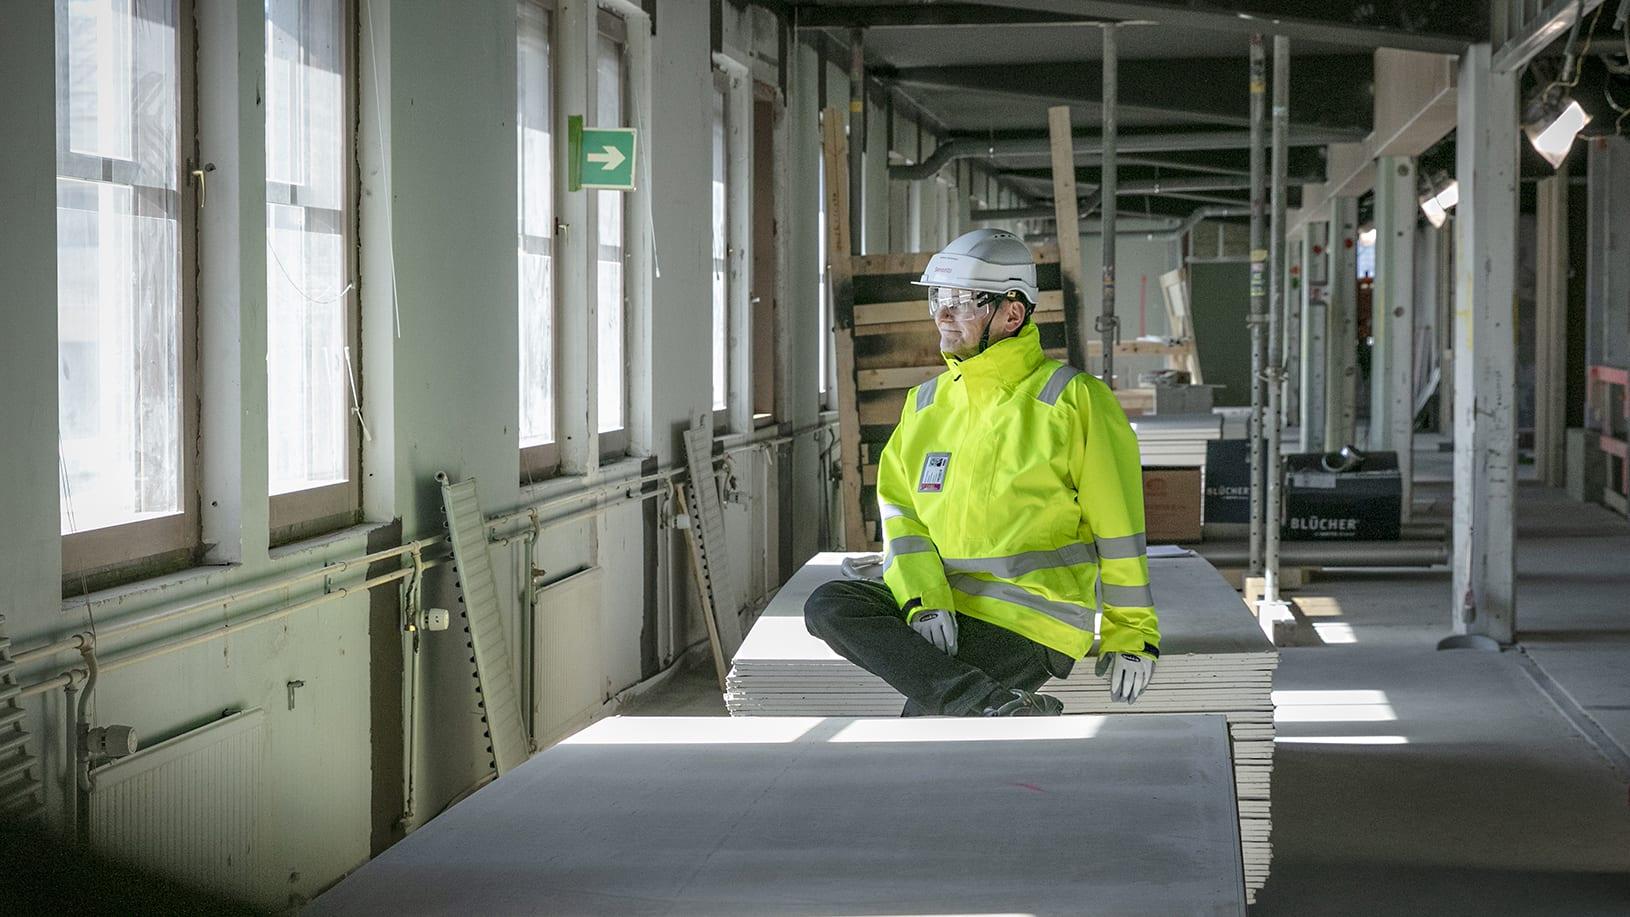 kuvassa rakennuttajapäällikkö Merikasarmin rakennustyömaalla.